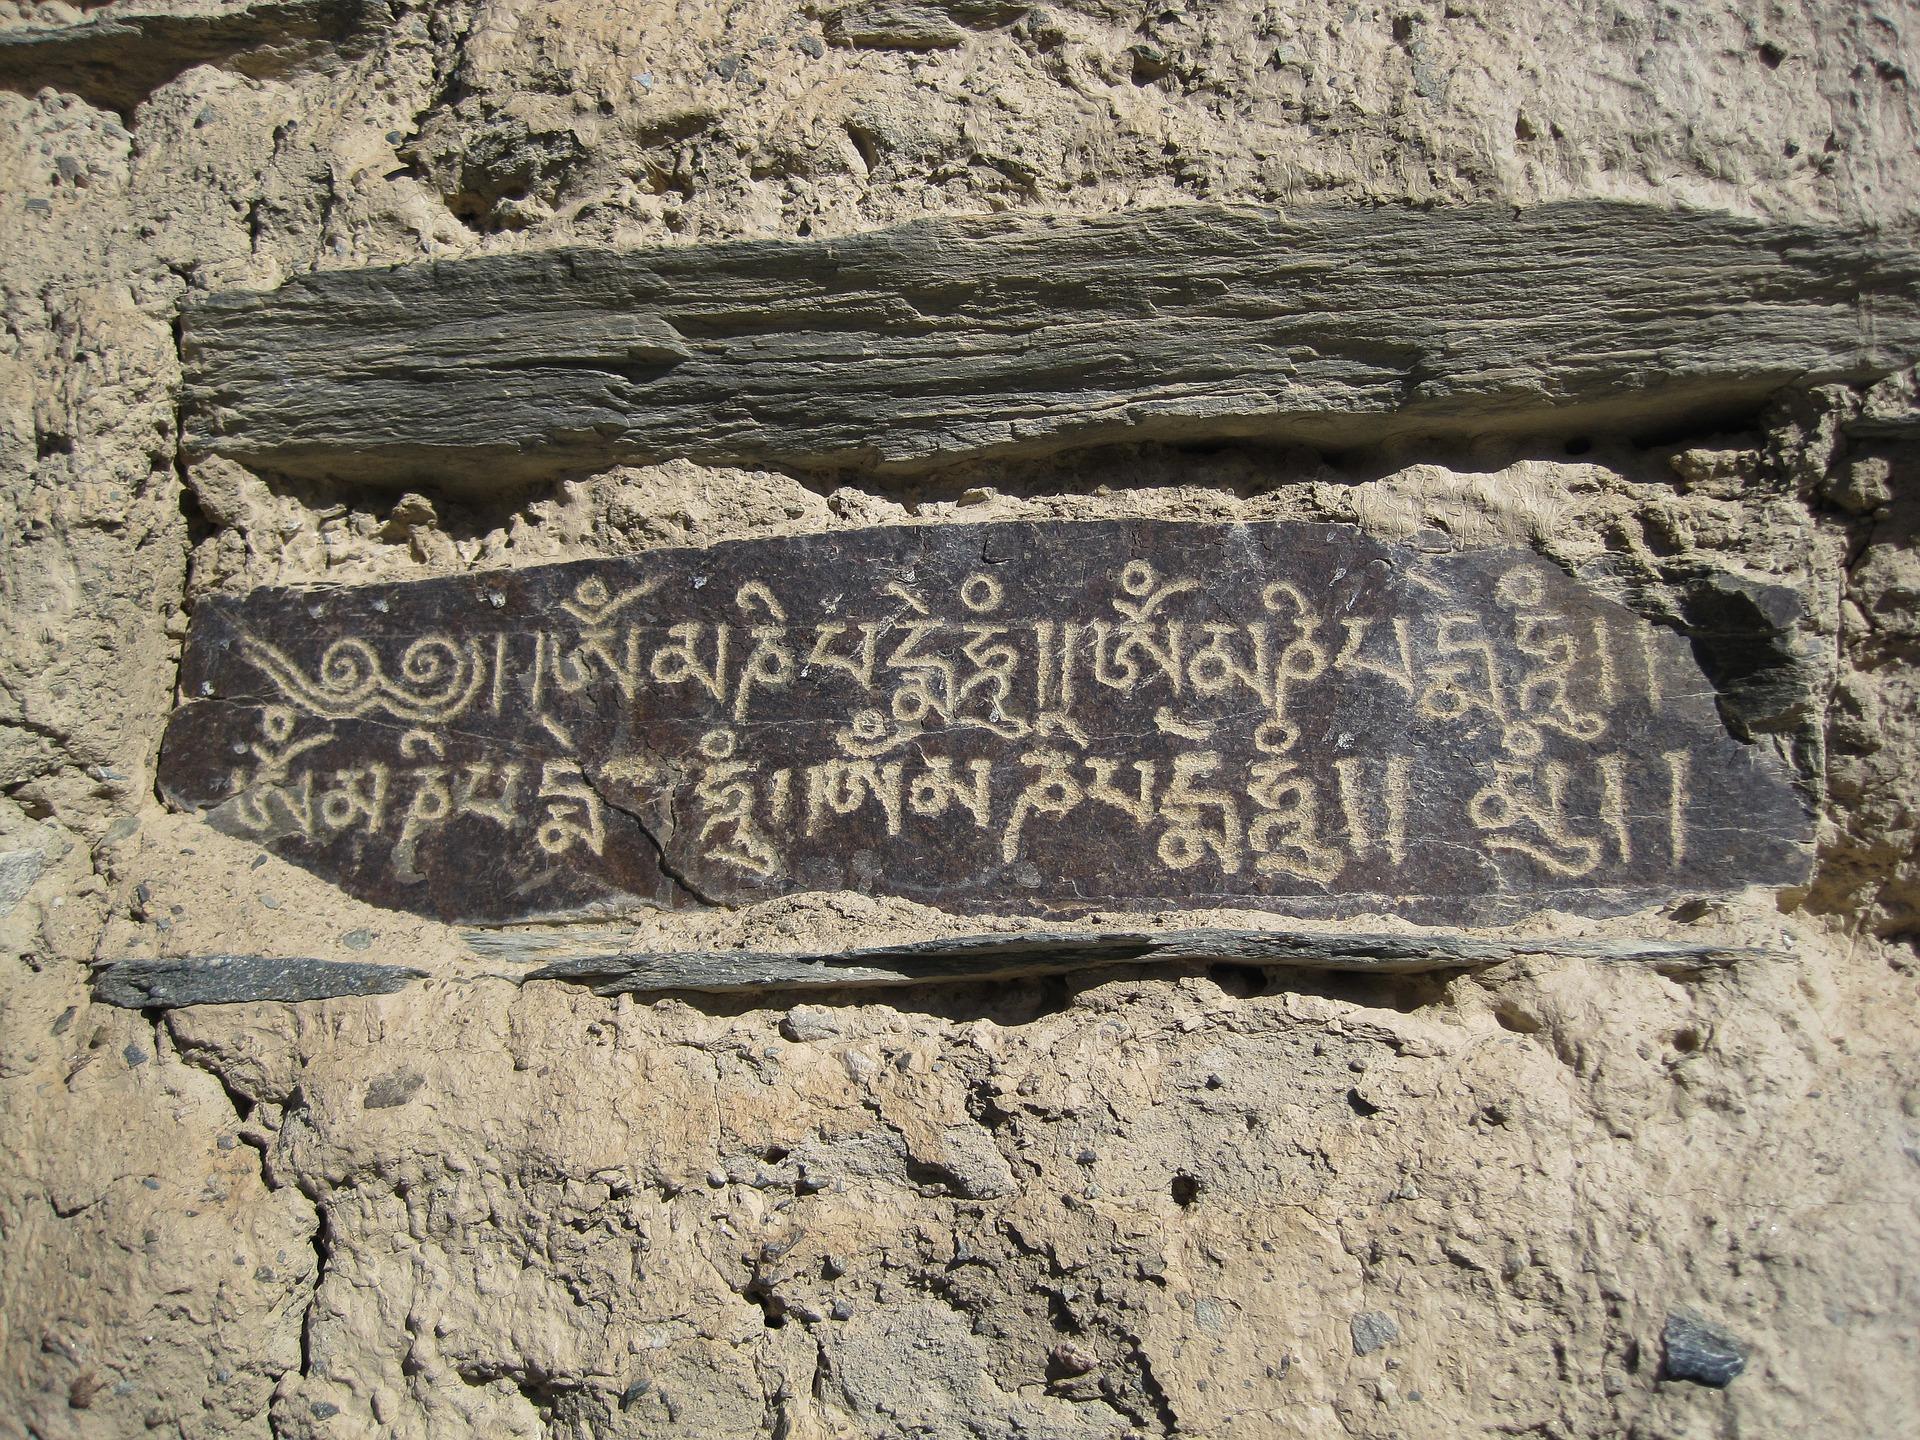 mongolia-567804_1920.jpg